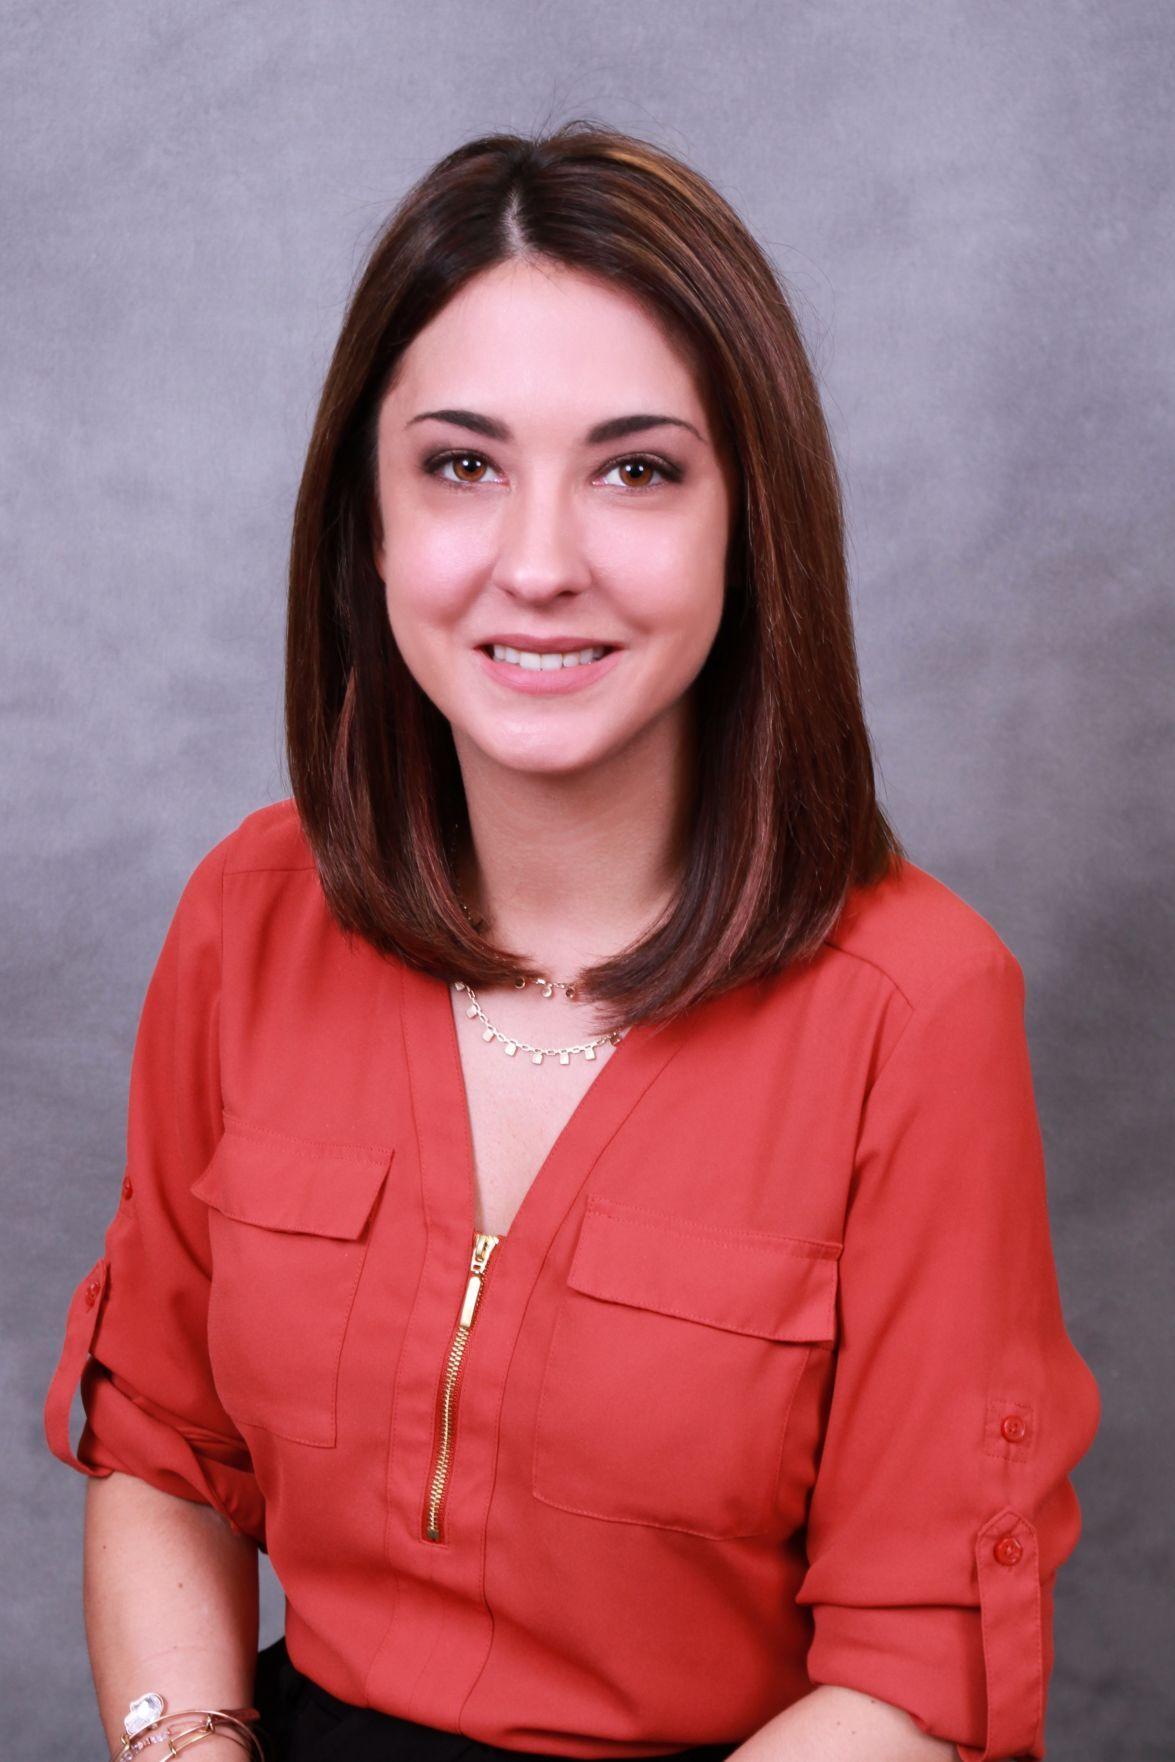 Sherri Ziller